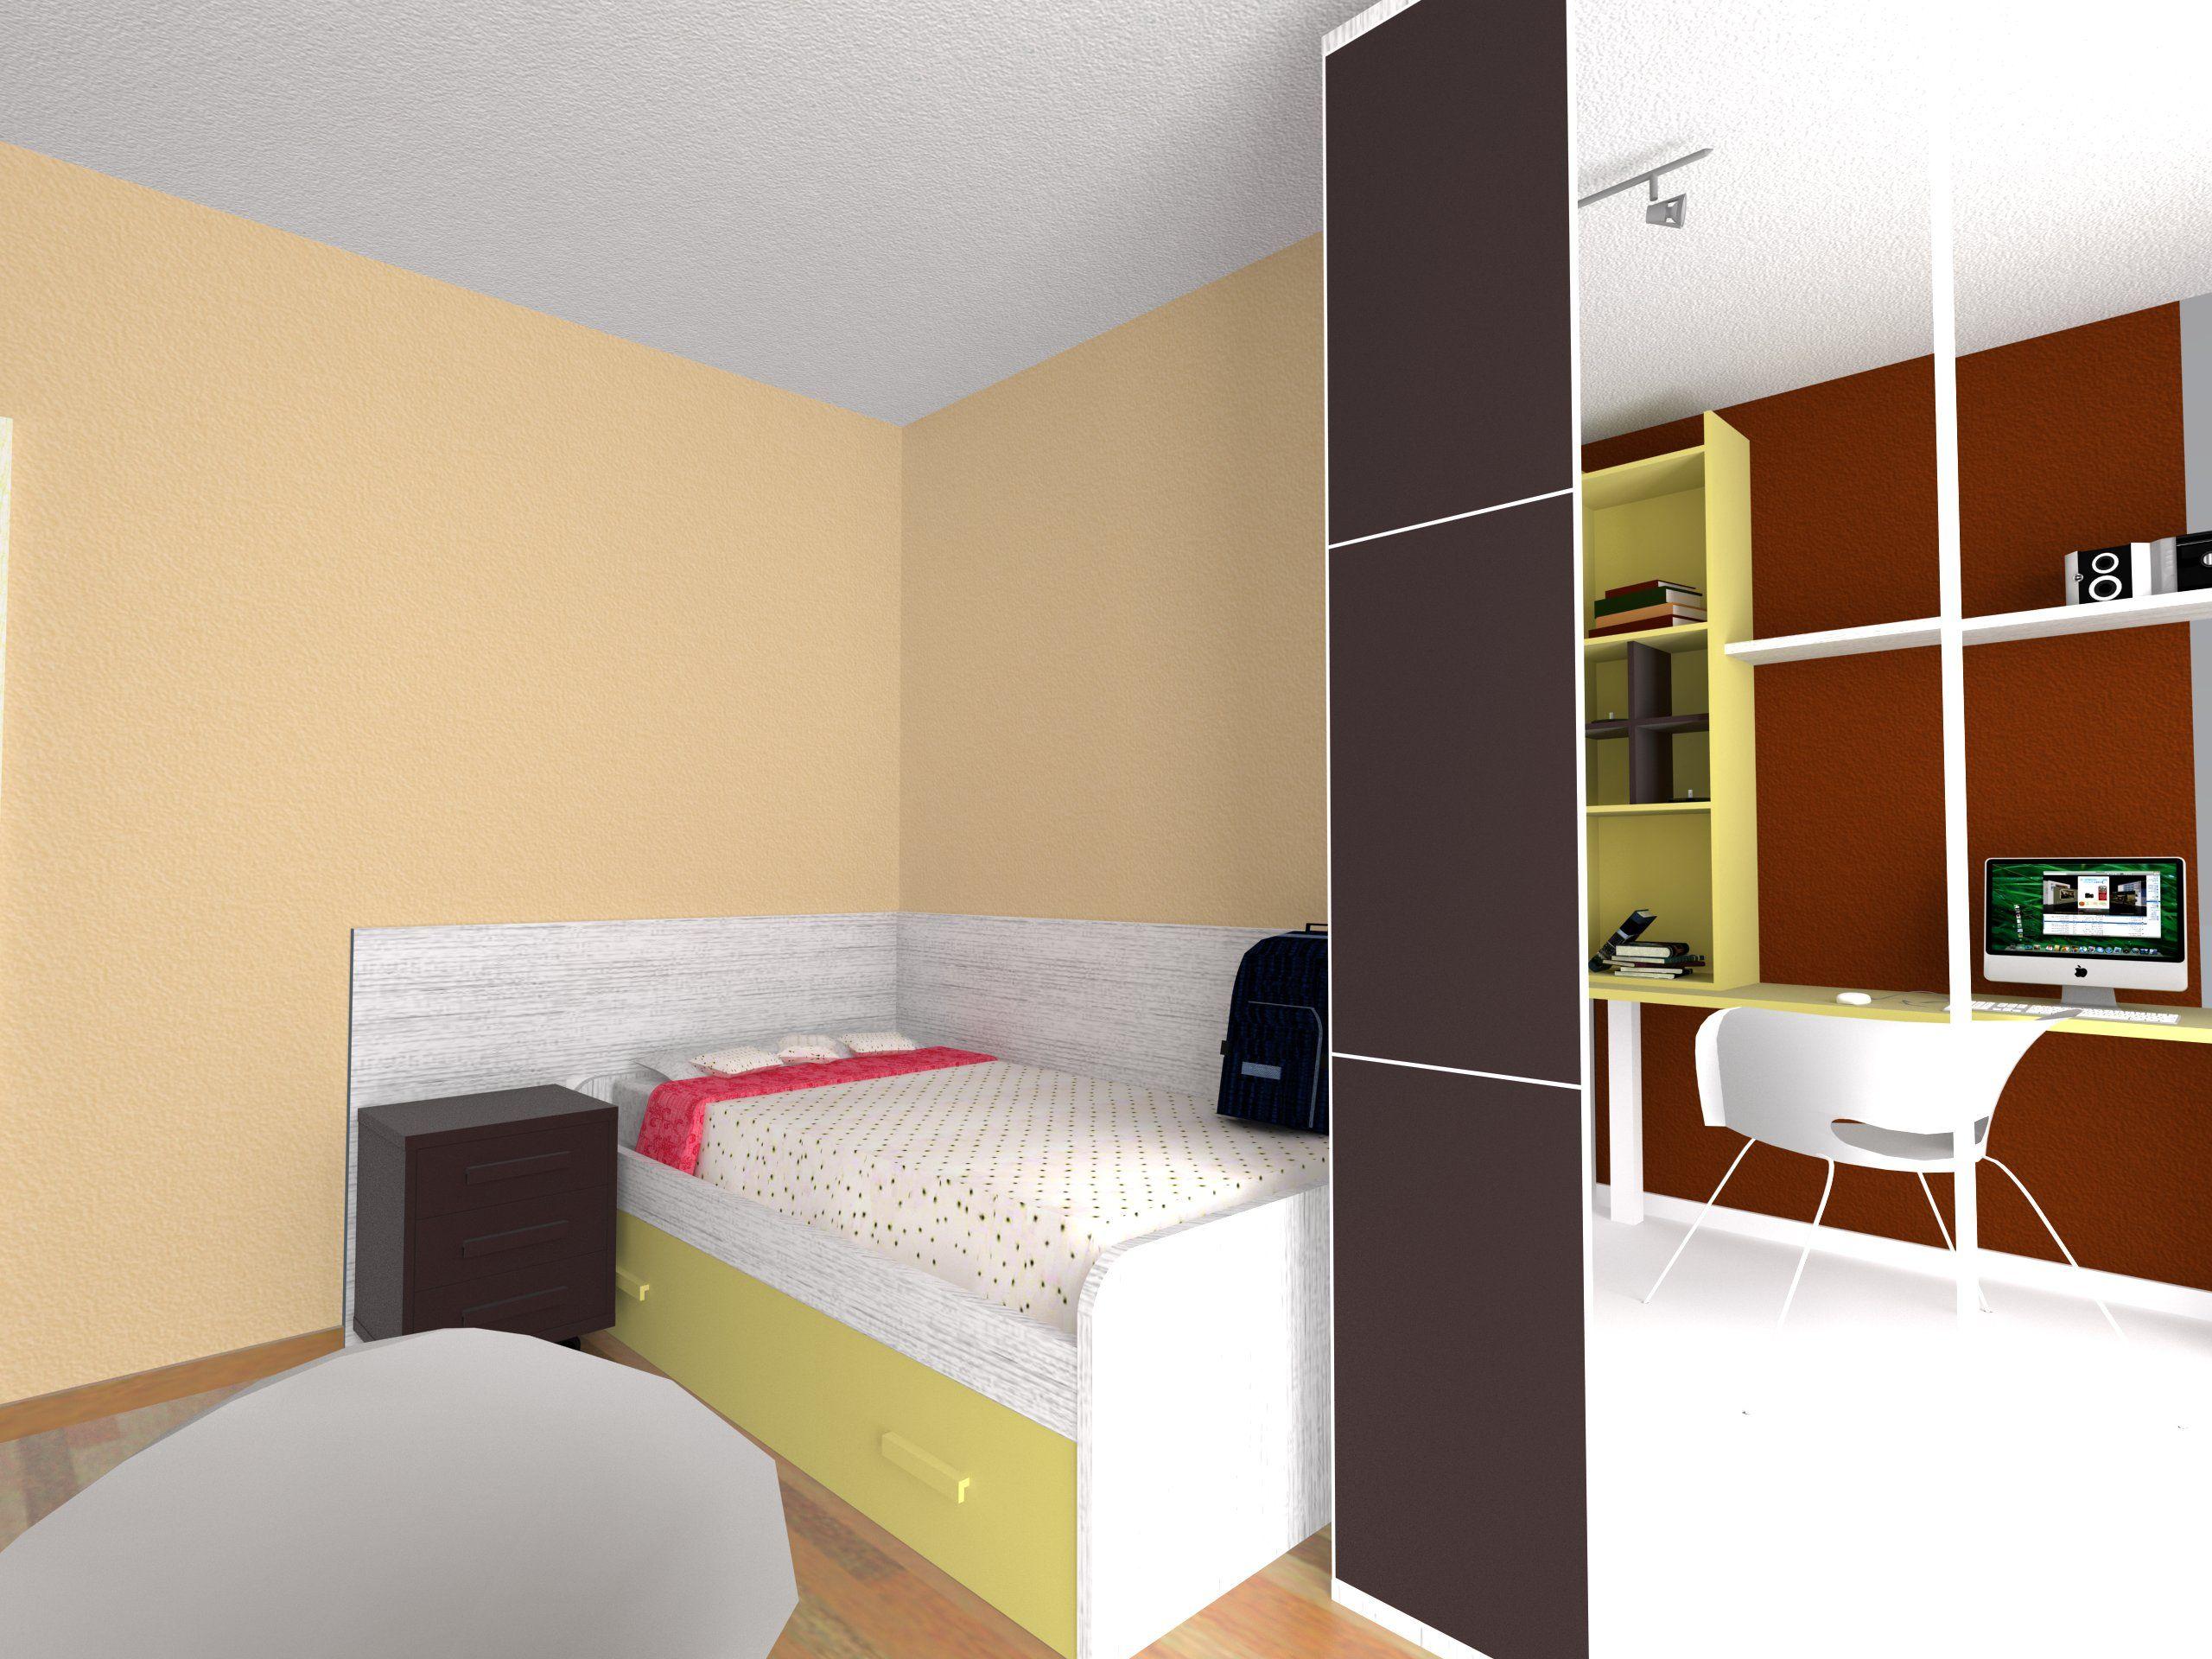 Dise ar dormitorio juvenil 3d casa dise o - Disenar dormitorio juvenil ...